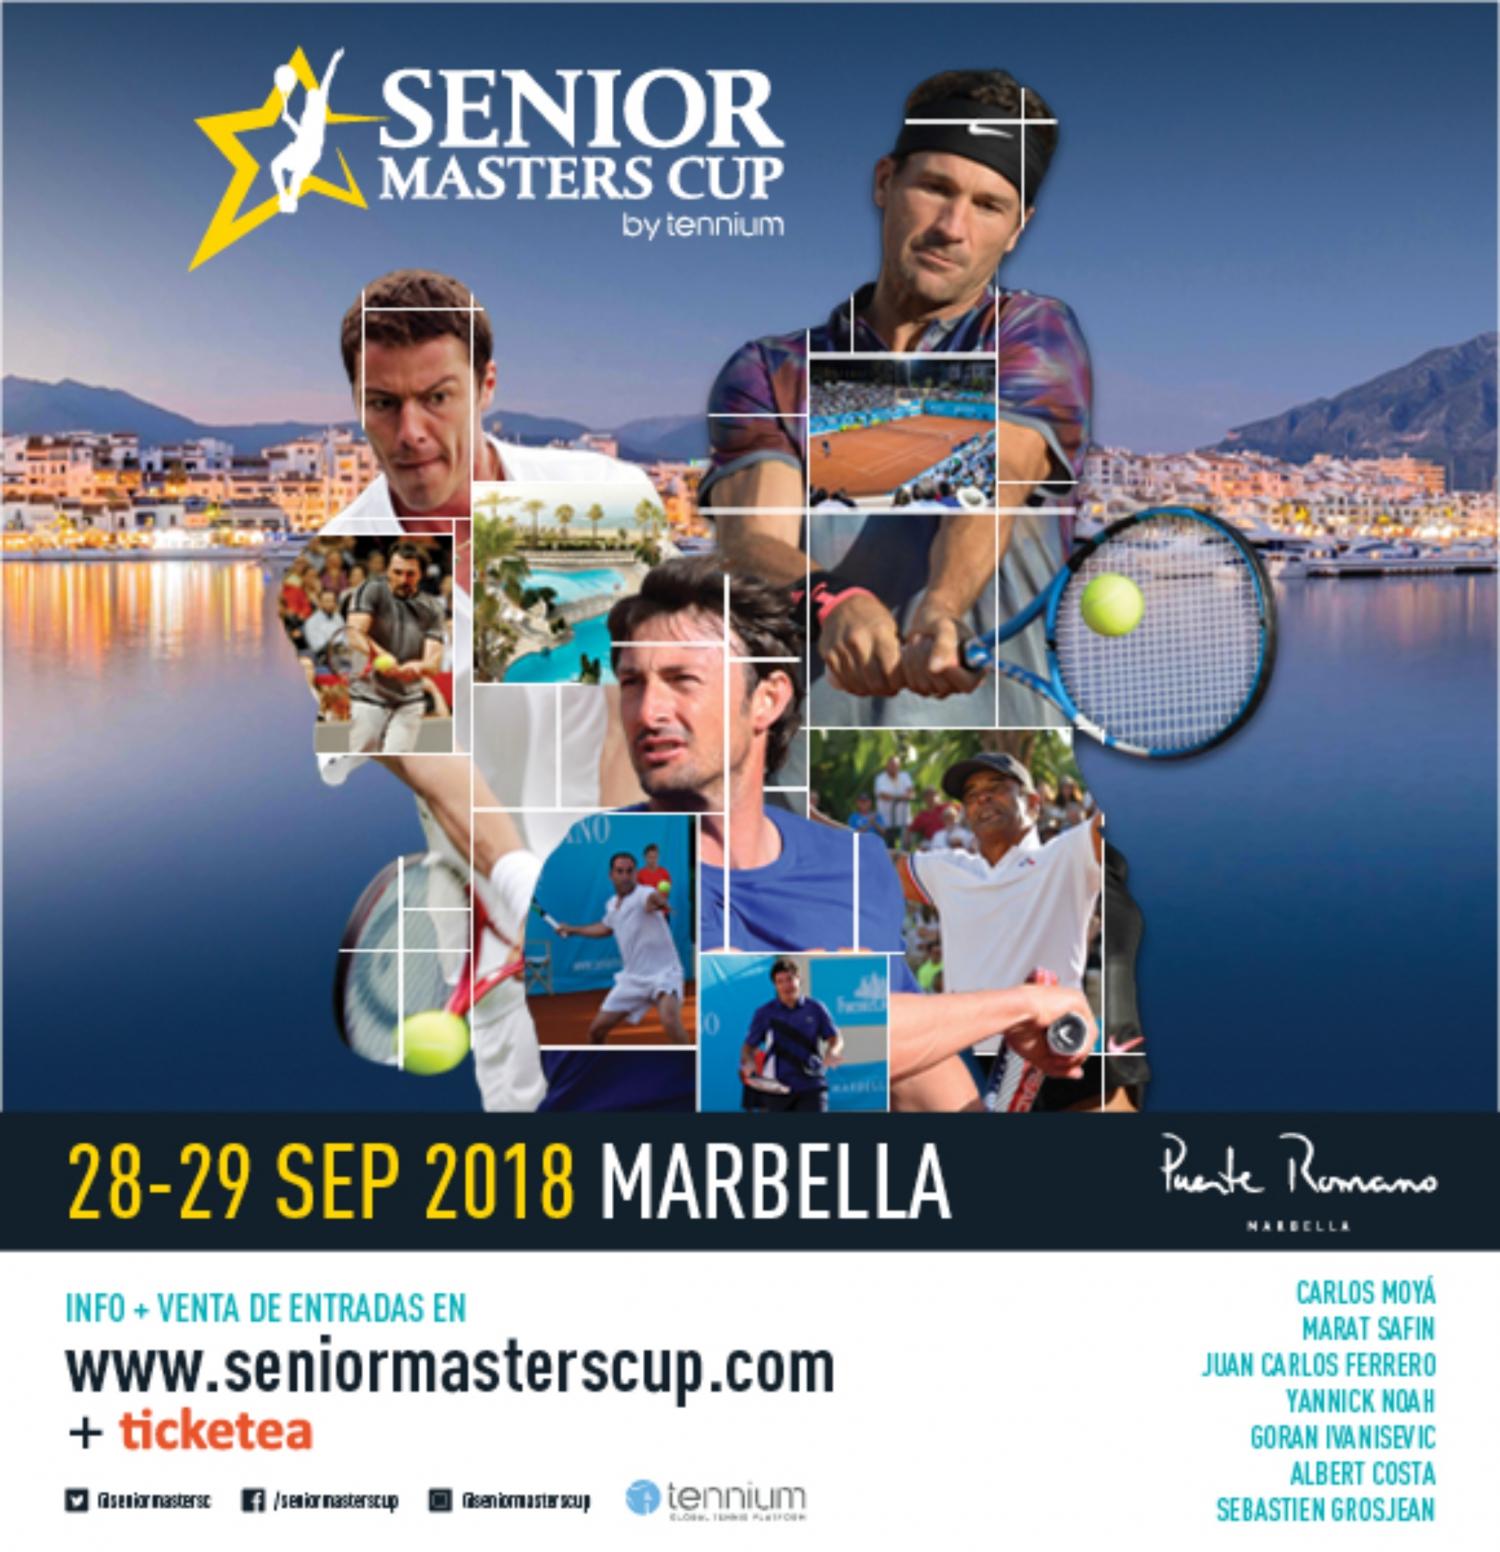 Senior Master Cup in Puente Romano